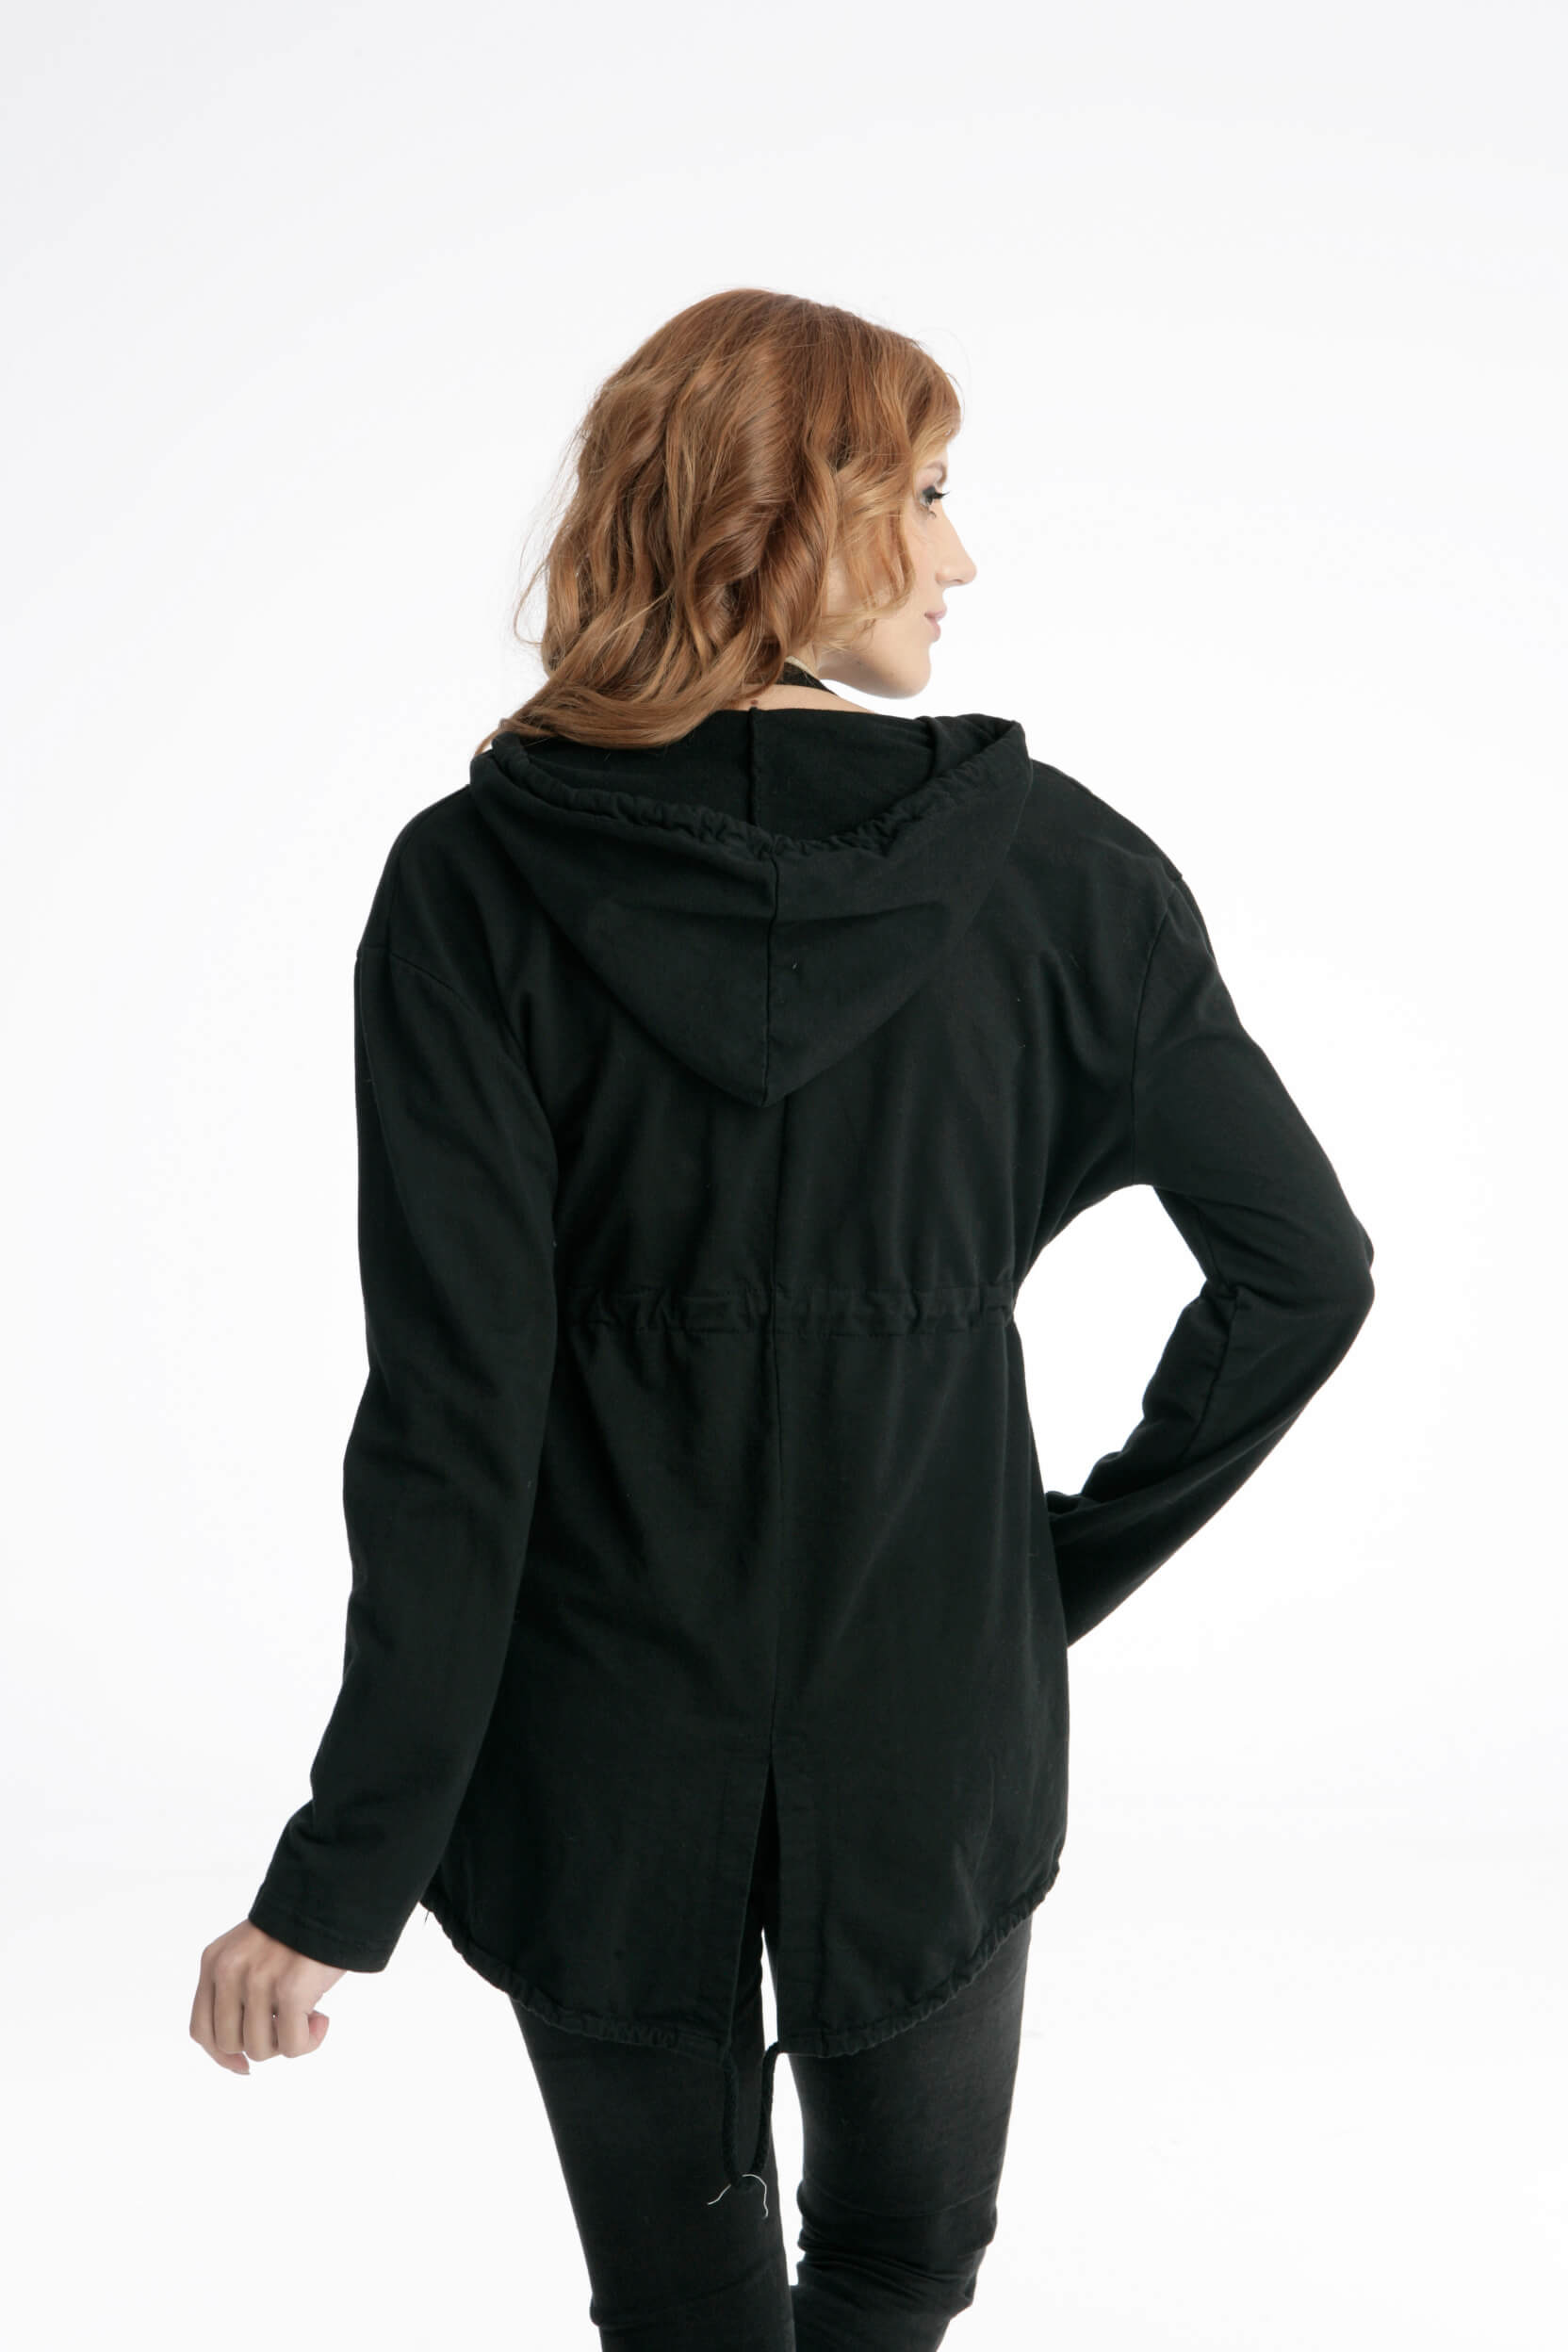 Γυναικεία ζακέτα με κουκούλα - Prestige Fashion 882afa6894b